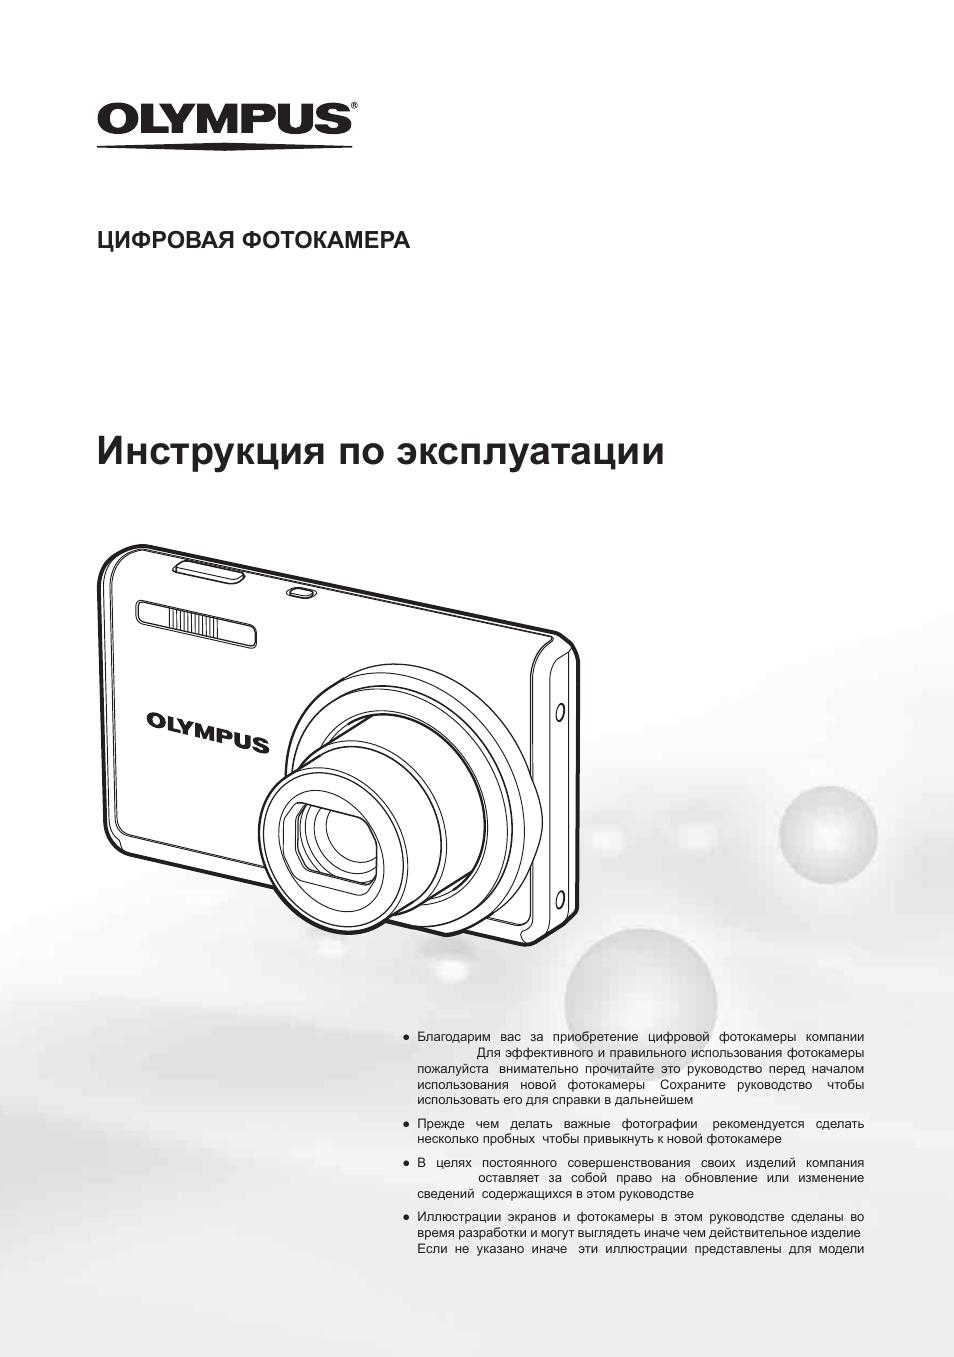 Инструкция по эксплуатации Olympus FE-4010   59 страниц